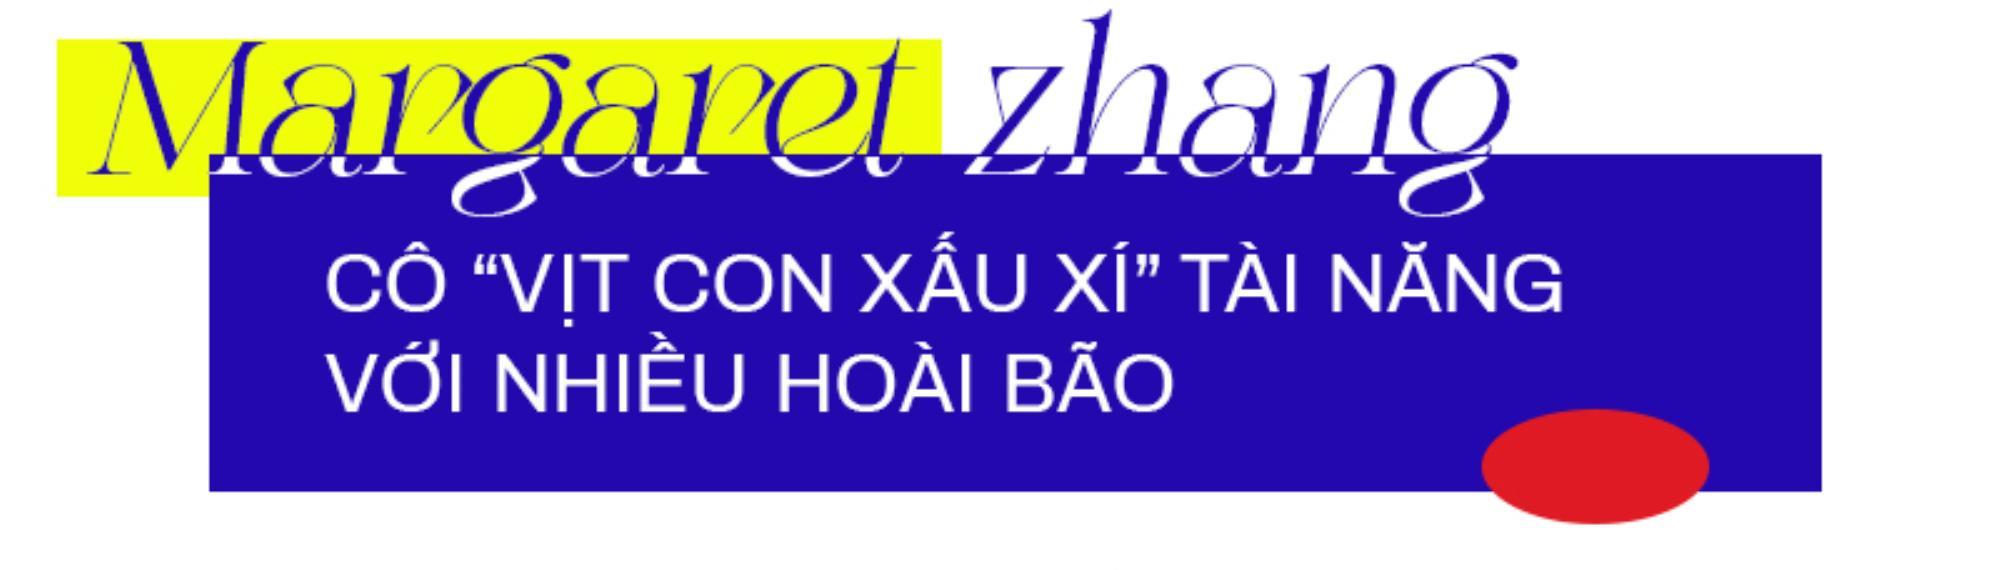 Chân dung Margaret Zhang - Tổng biên tập trẻ tuổi nhất của lịch sử tạp chí Vogue lẫy lừng Ảnh 1